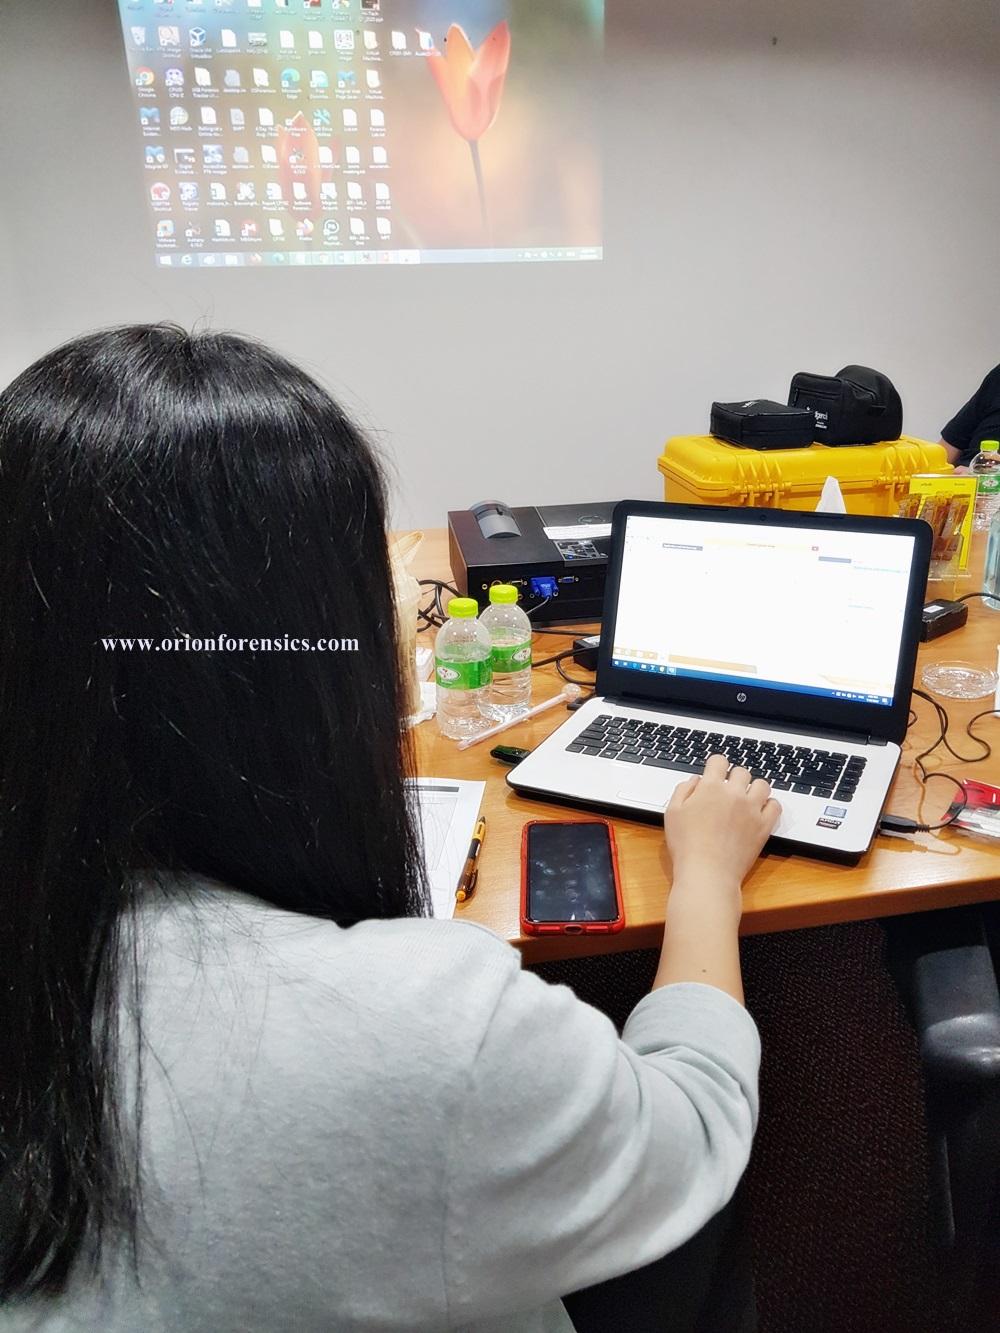 อบรม [Hands-on Workshop] Forensic Techniques for IT Auditors Course2